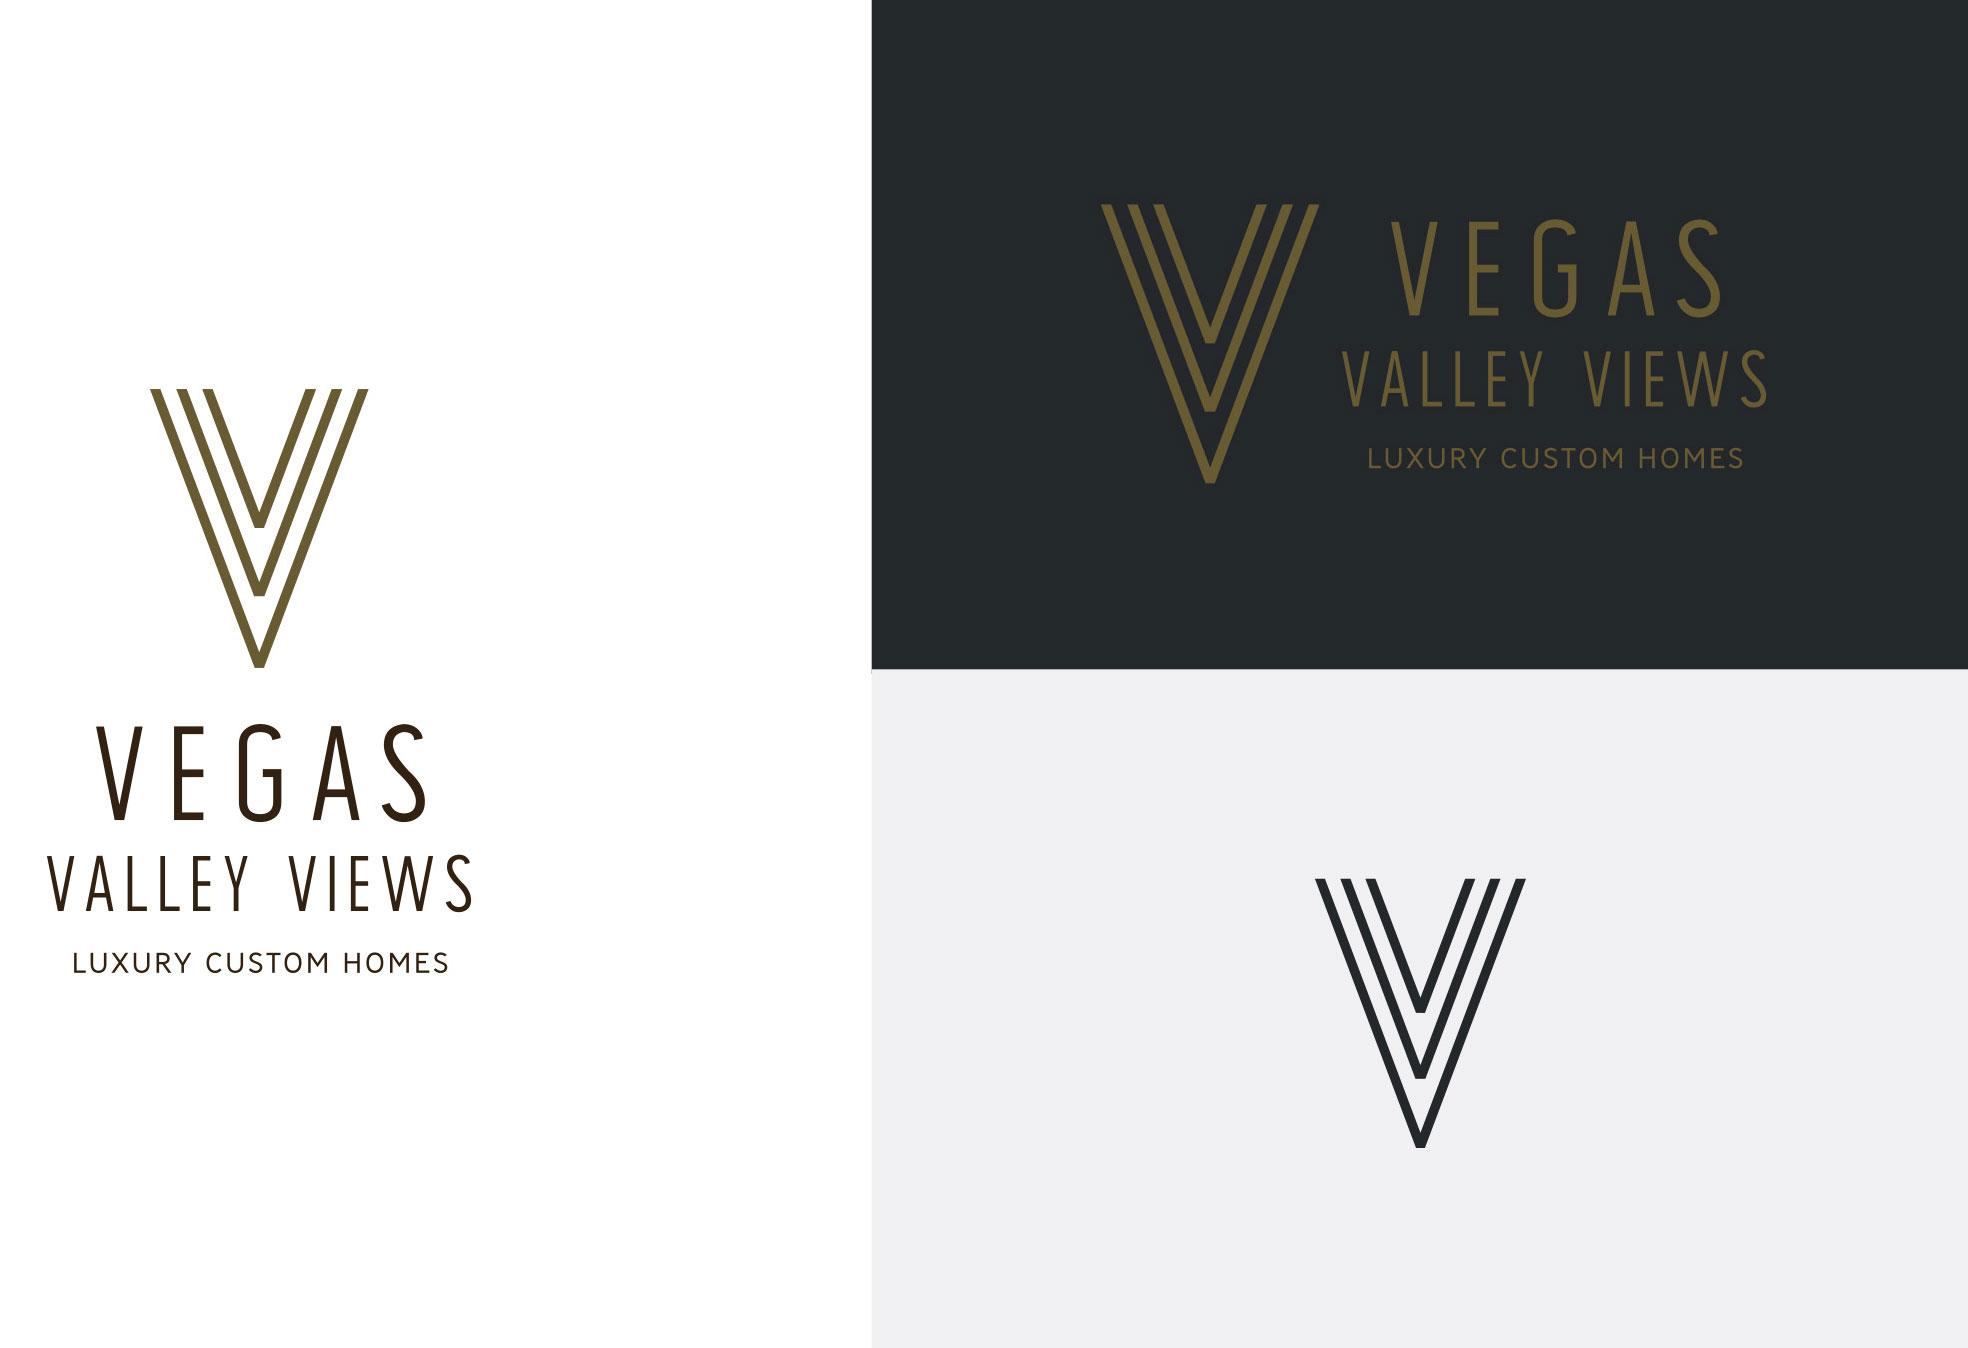 VVV_logos.jpg